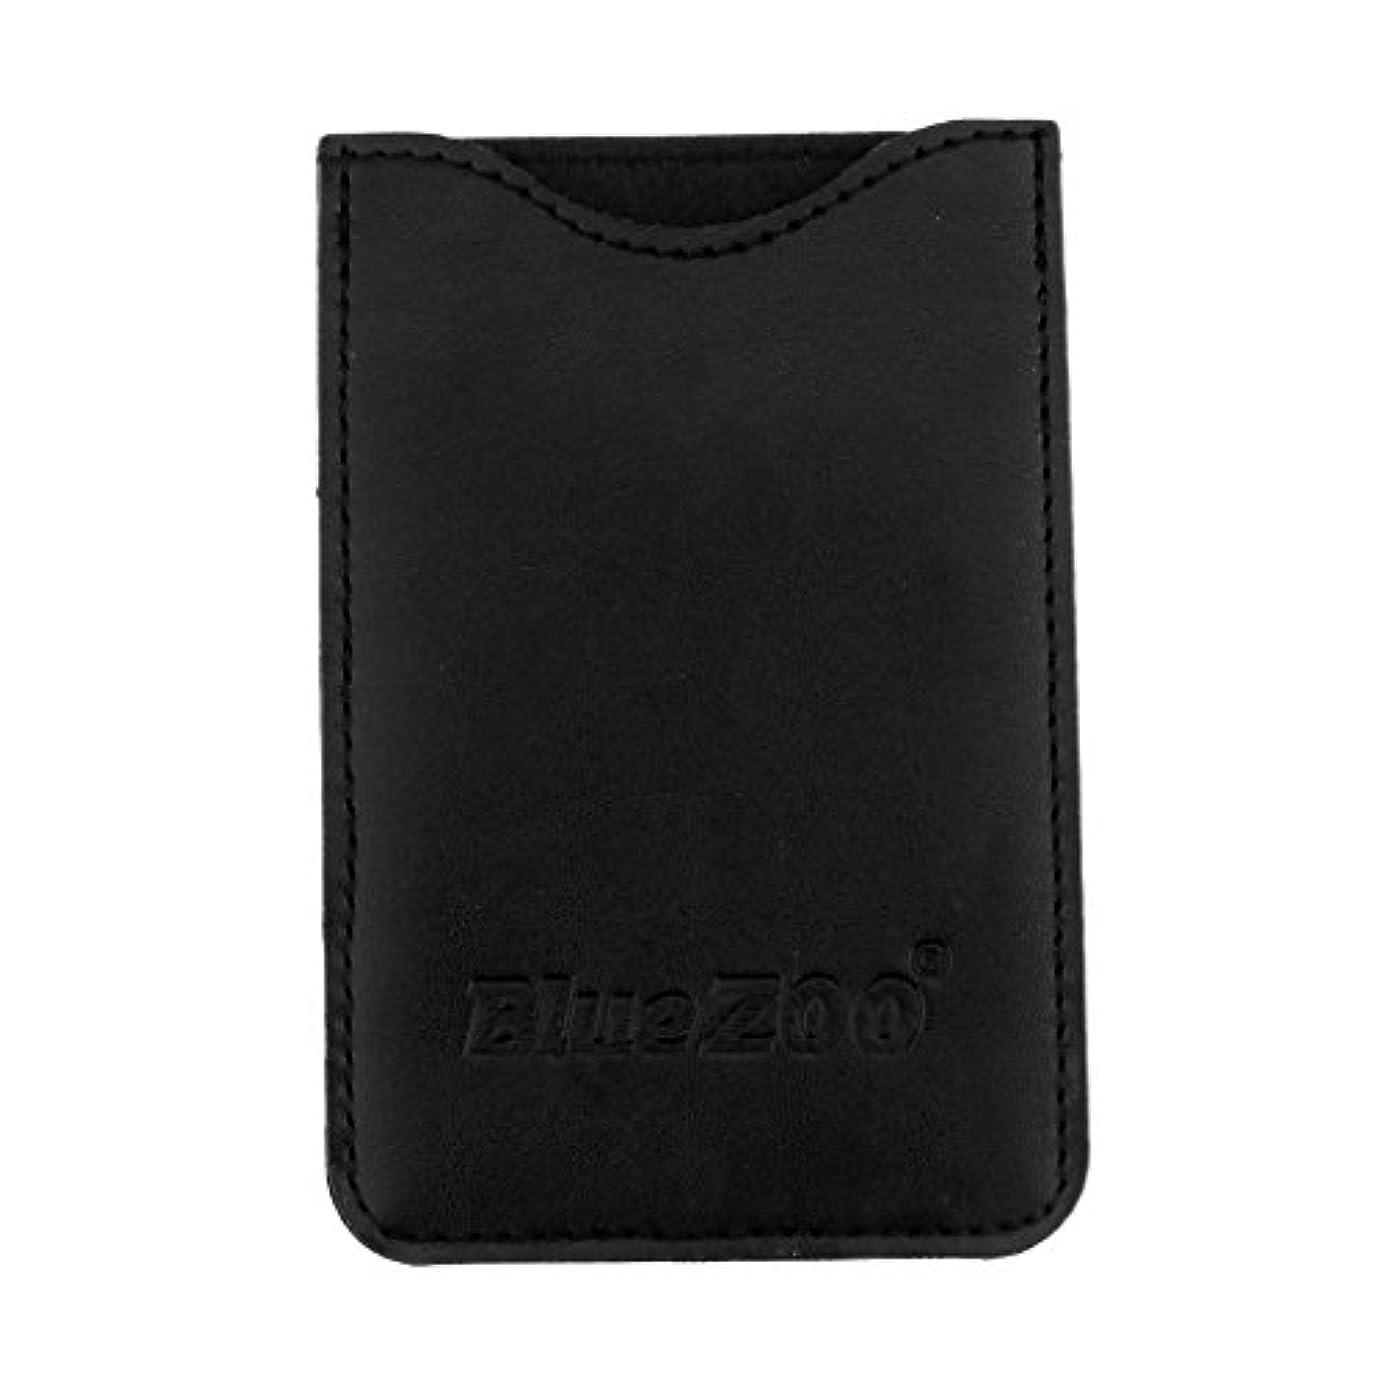 悲劇的な韻聖域Toygogo PUレザー ポケット コームバッグ 櫛バッグ 収納パック 保護カバー 柔らかい 全2色 - ブラック